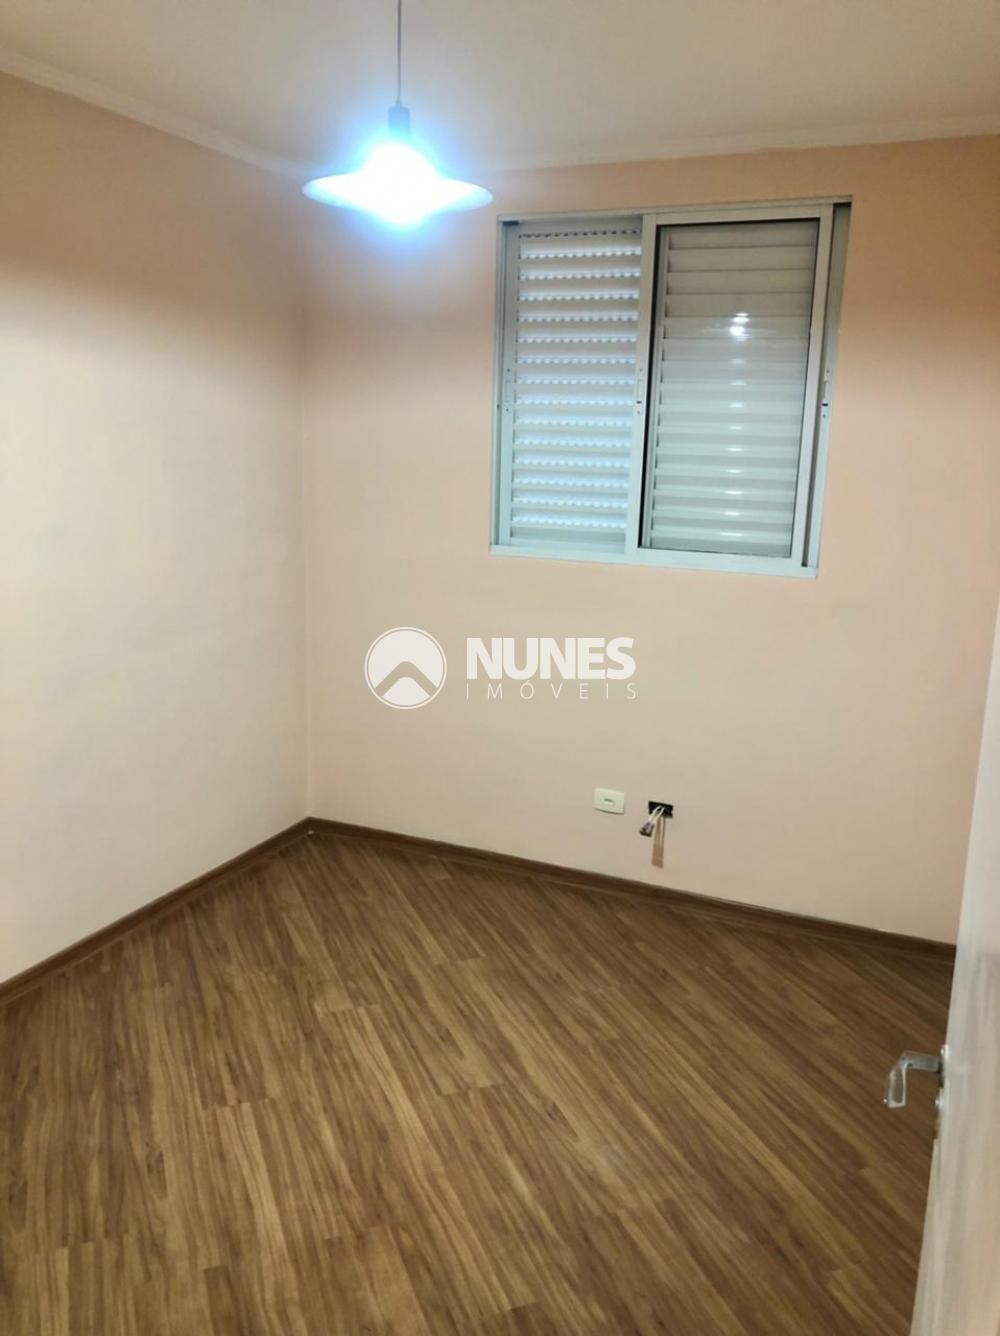 Alugar Apartamento / Padrão em São Paulo R$ 1.600,00 - Foto 9